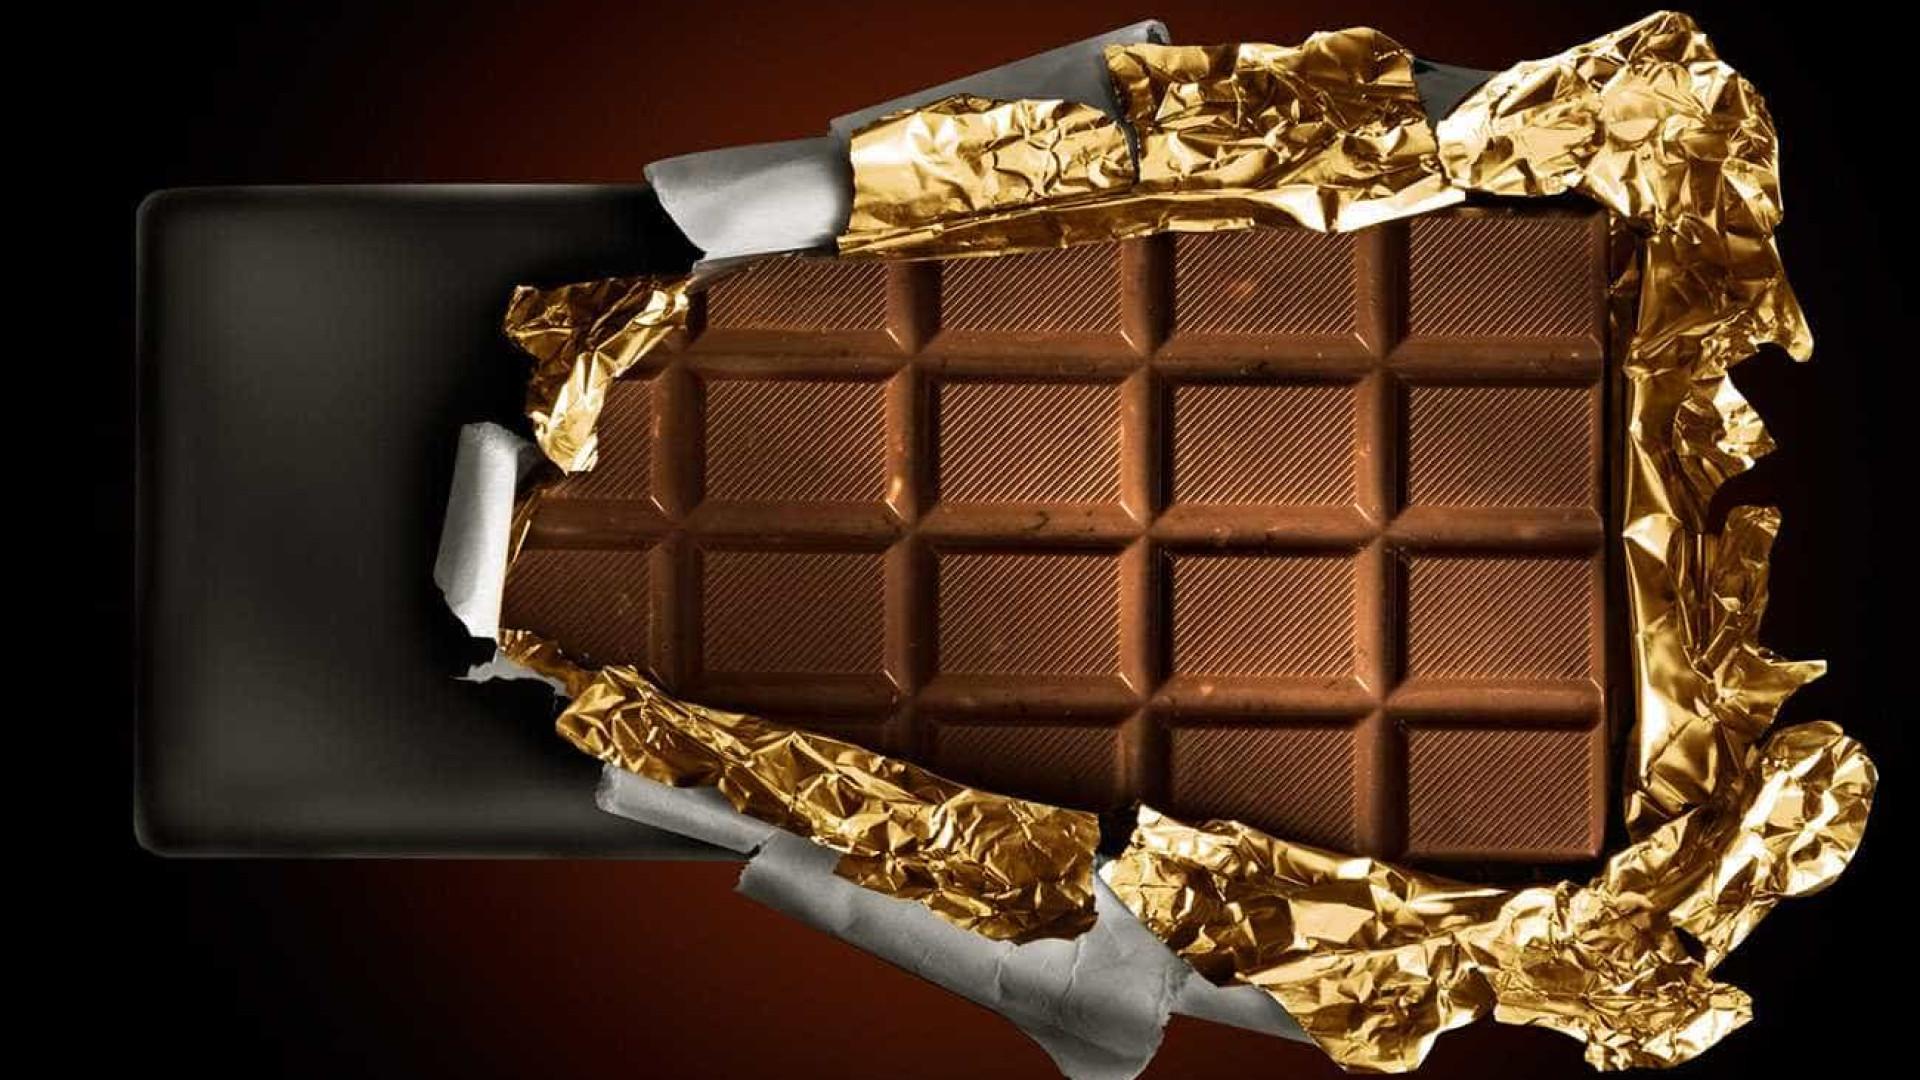 Por que o chocolate dá sensação de satisfação e prazer?